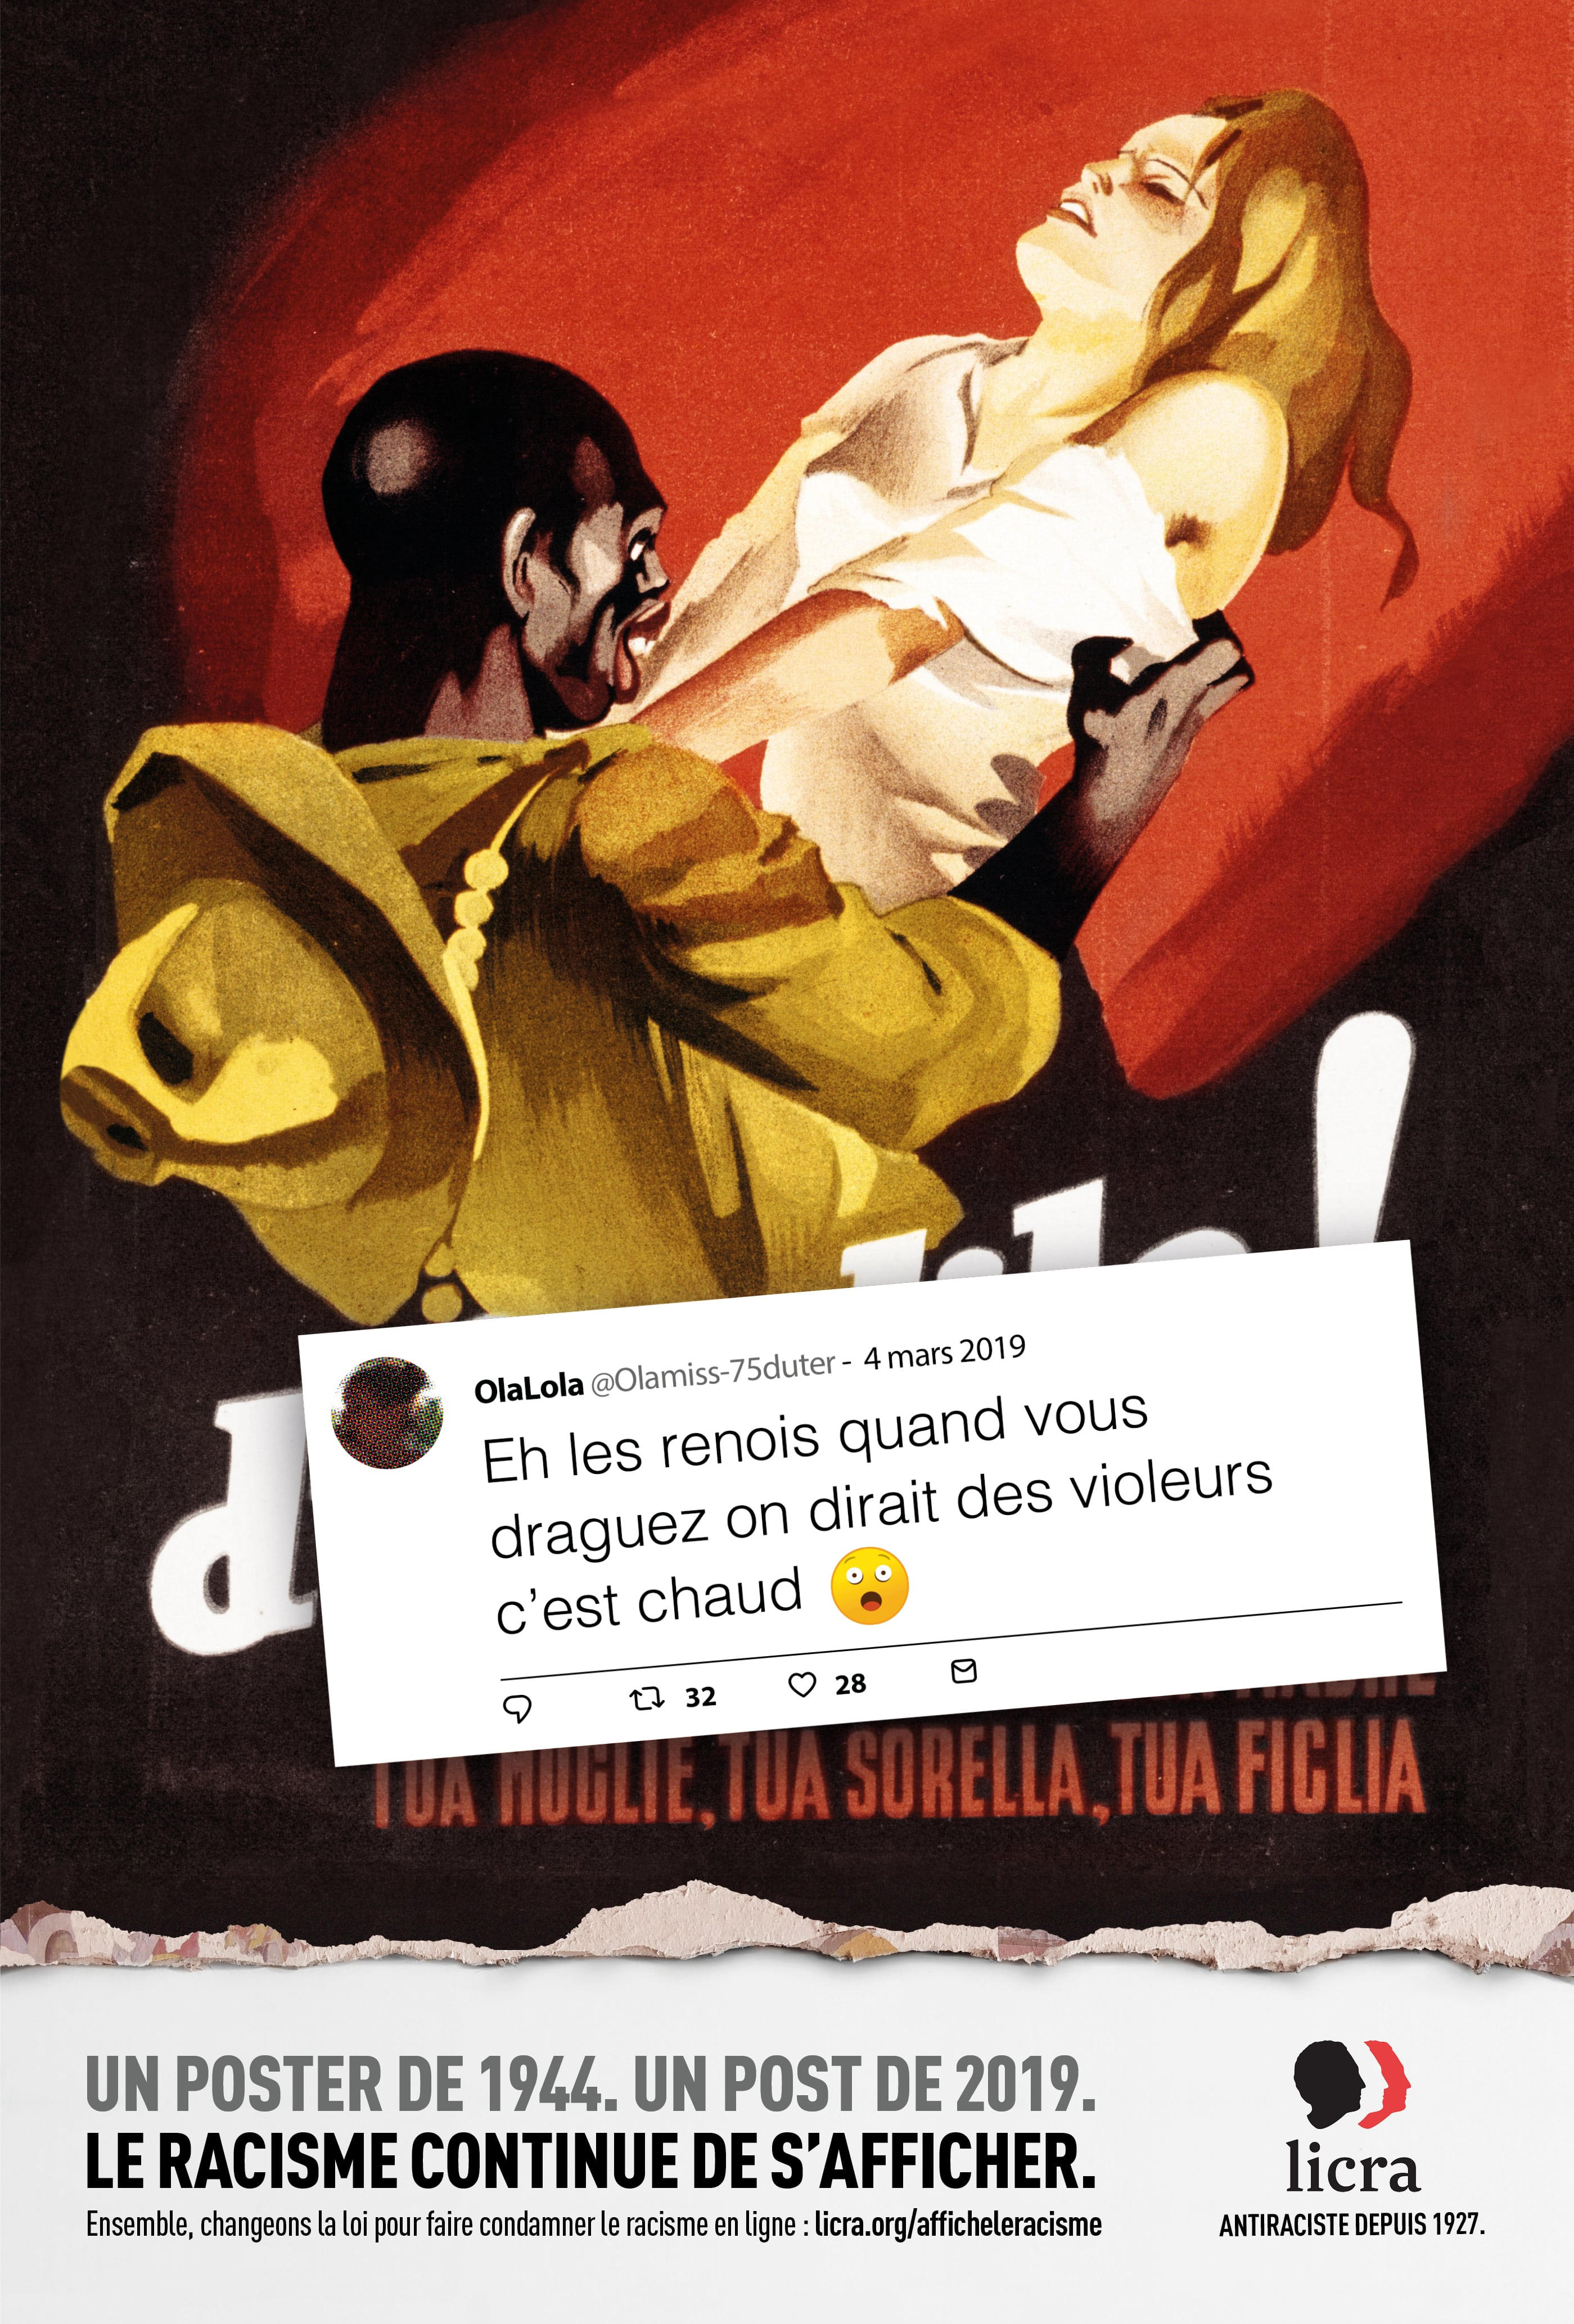 Affiche de la LICRA